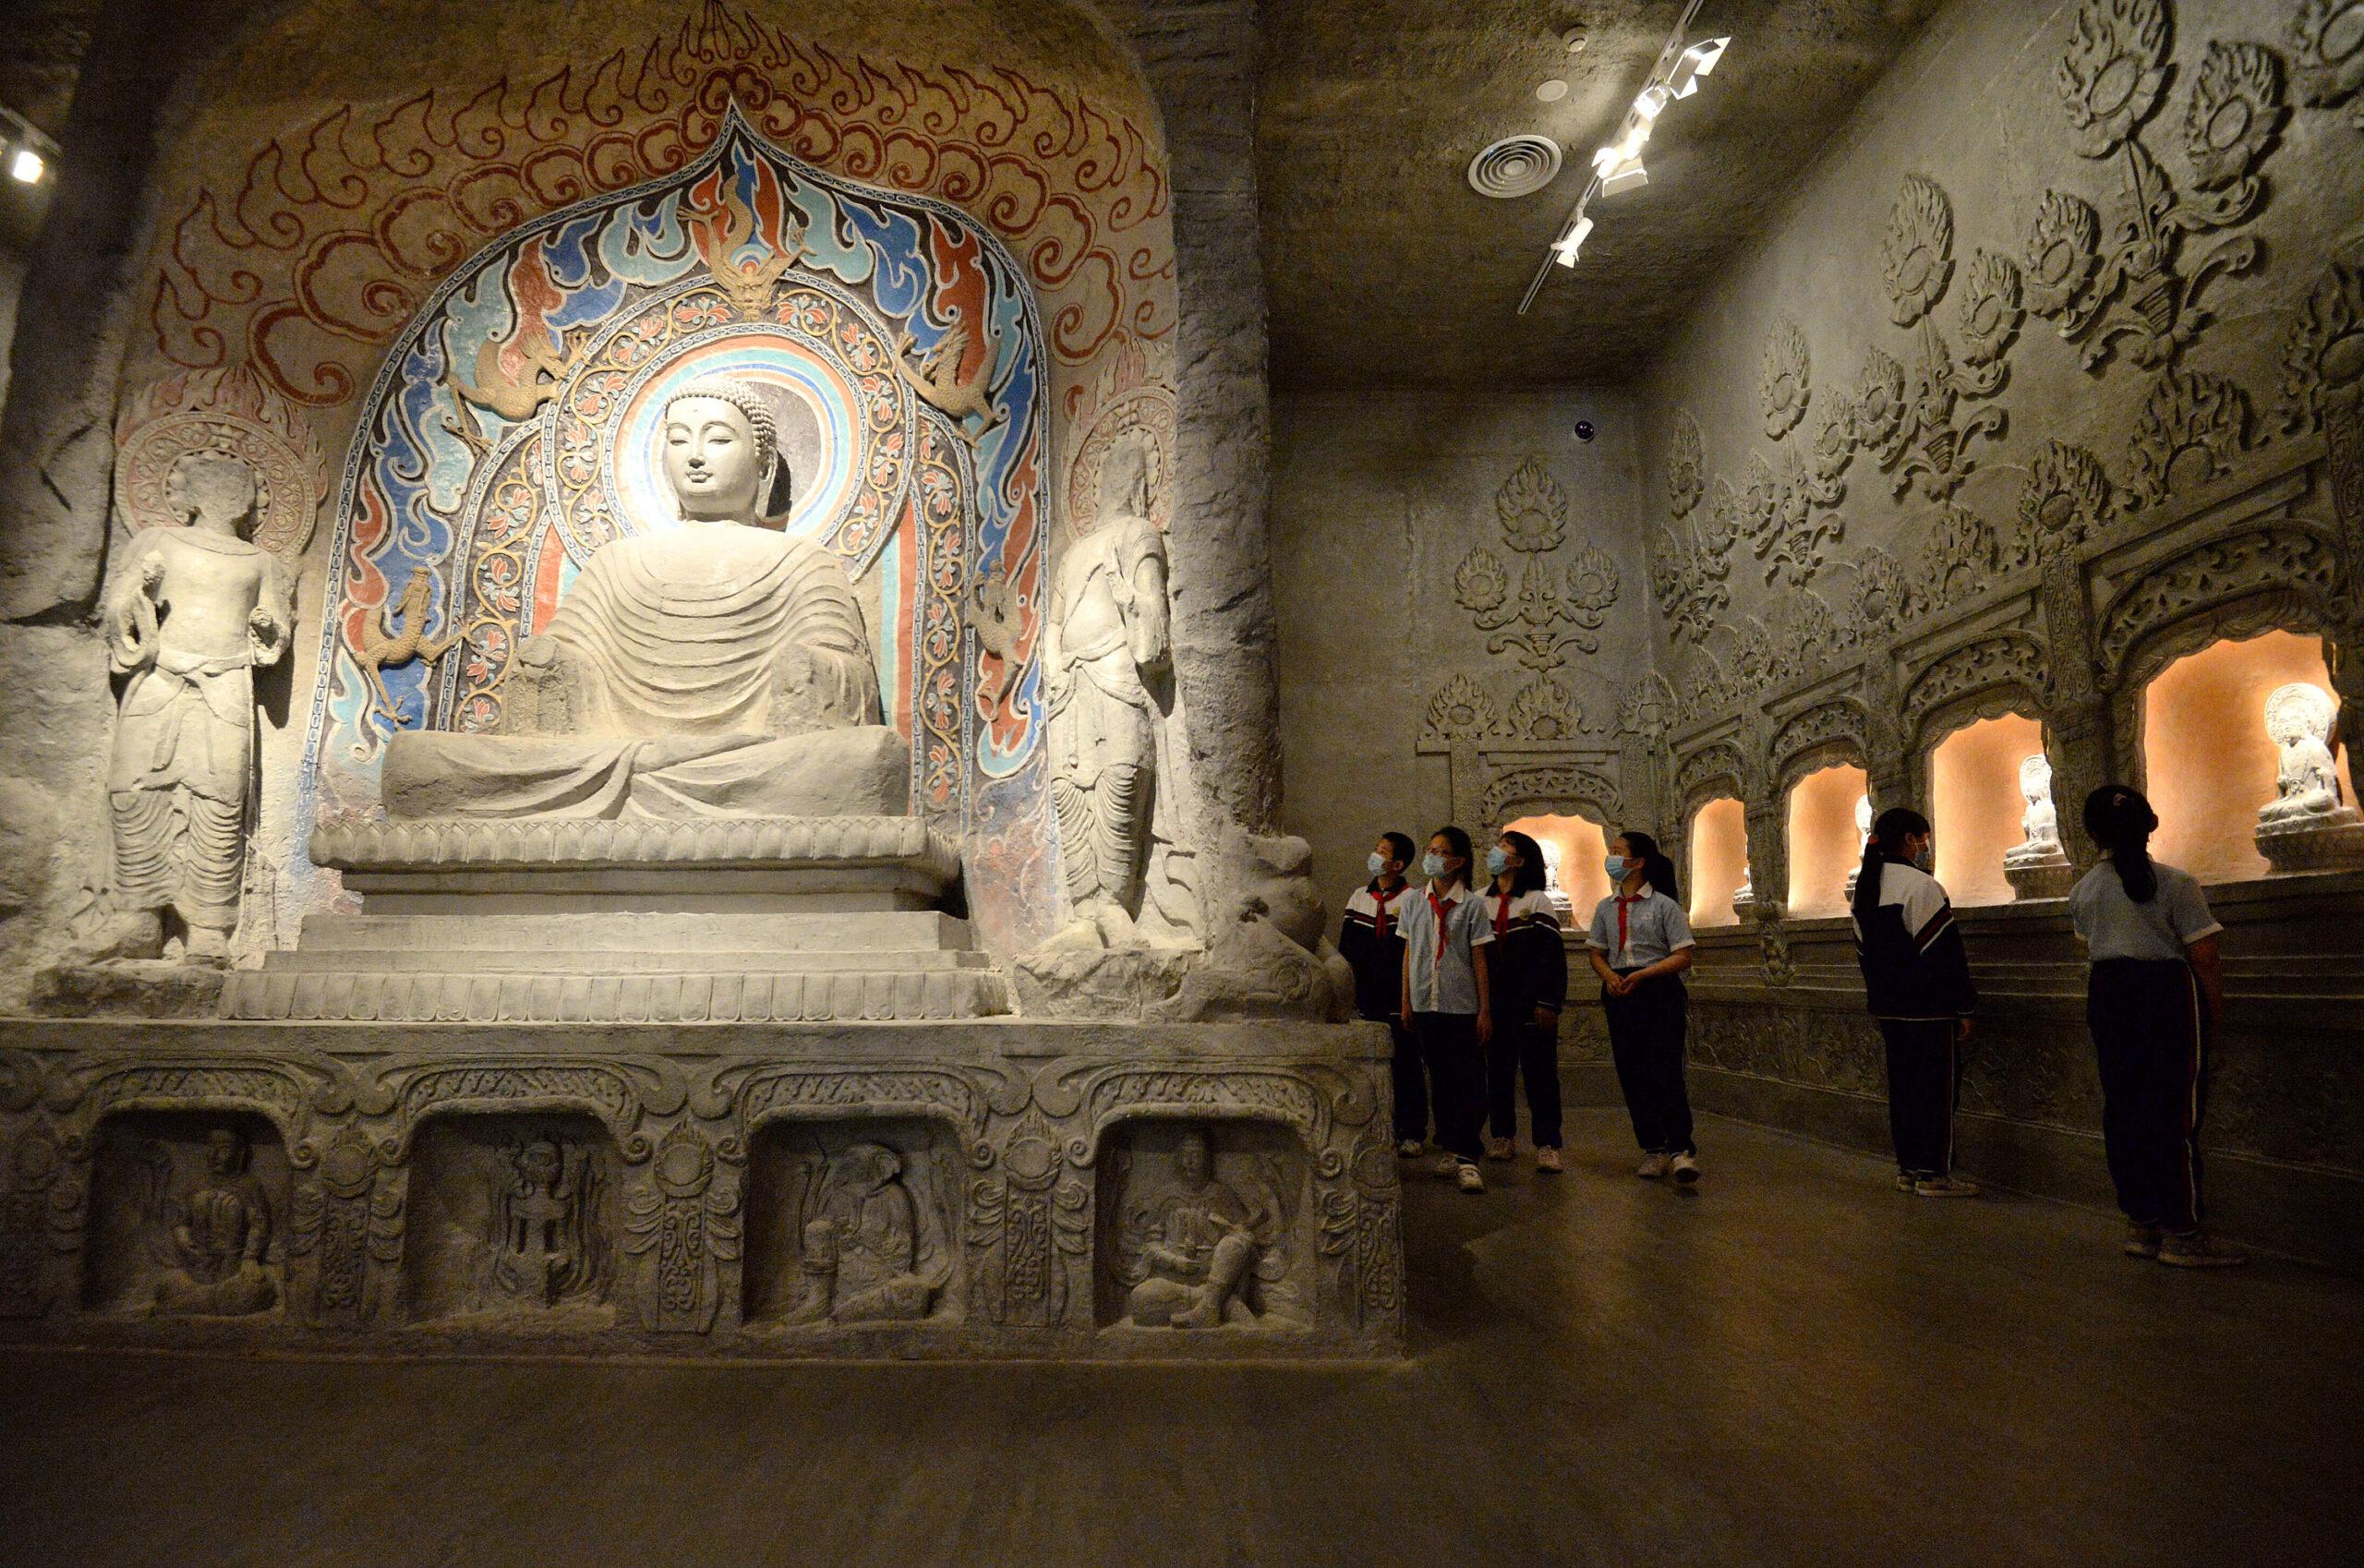 สำรวจพบ 'เที่ยวพิพิธภัณฑ์' ได้รับความนิยมเพิ่มขึ้นในจีน